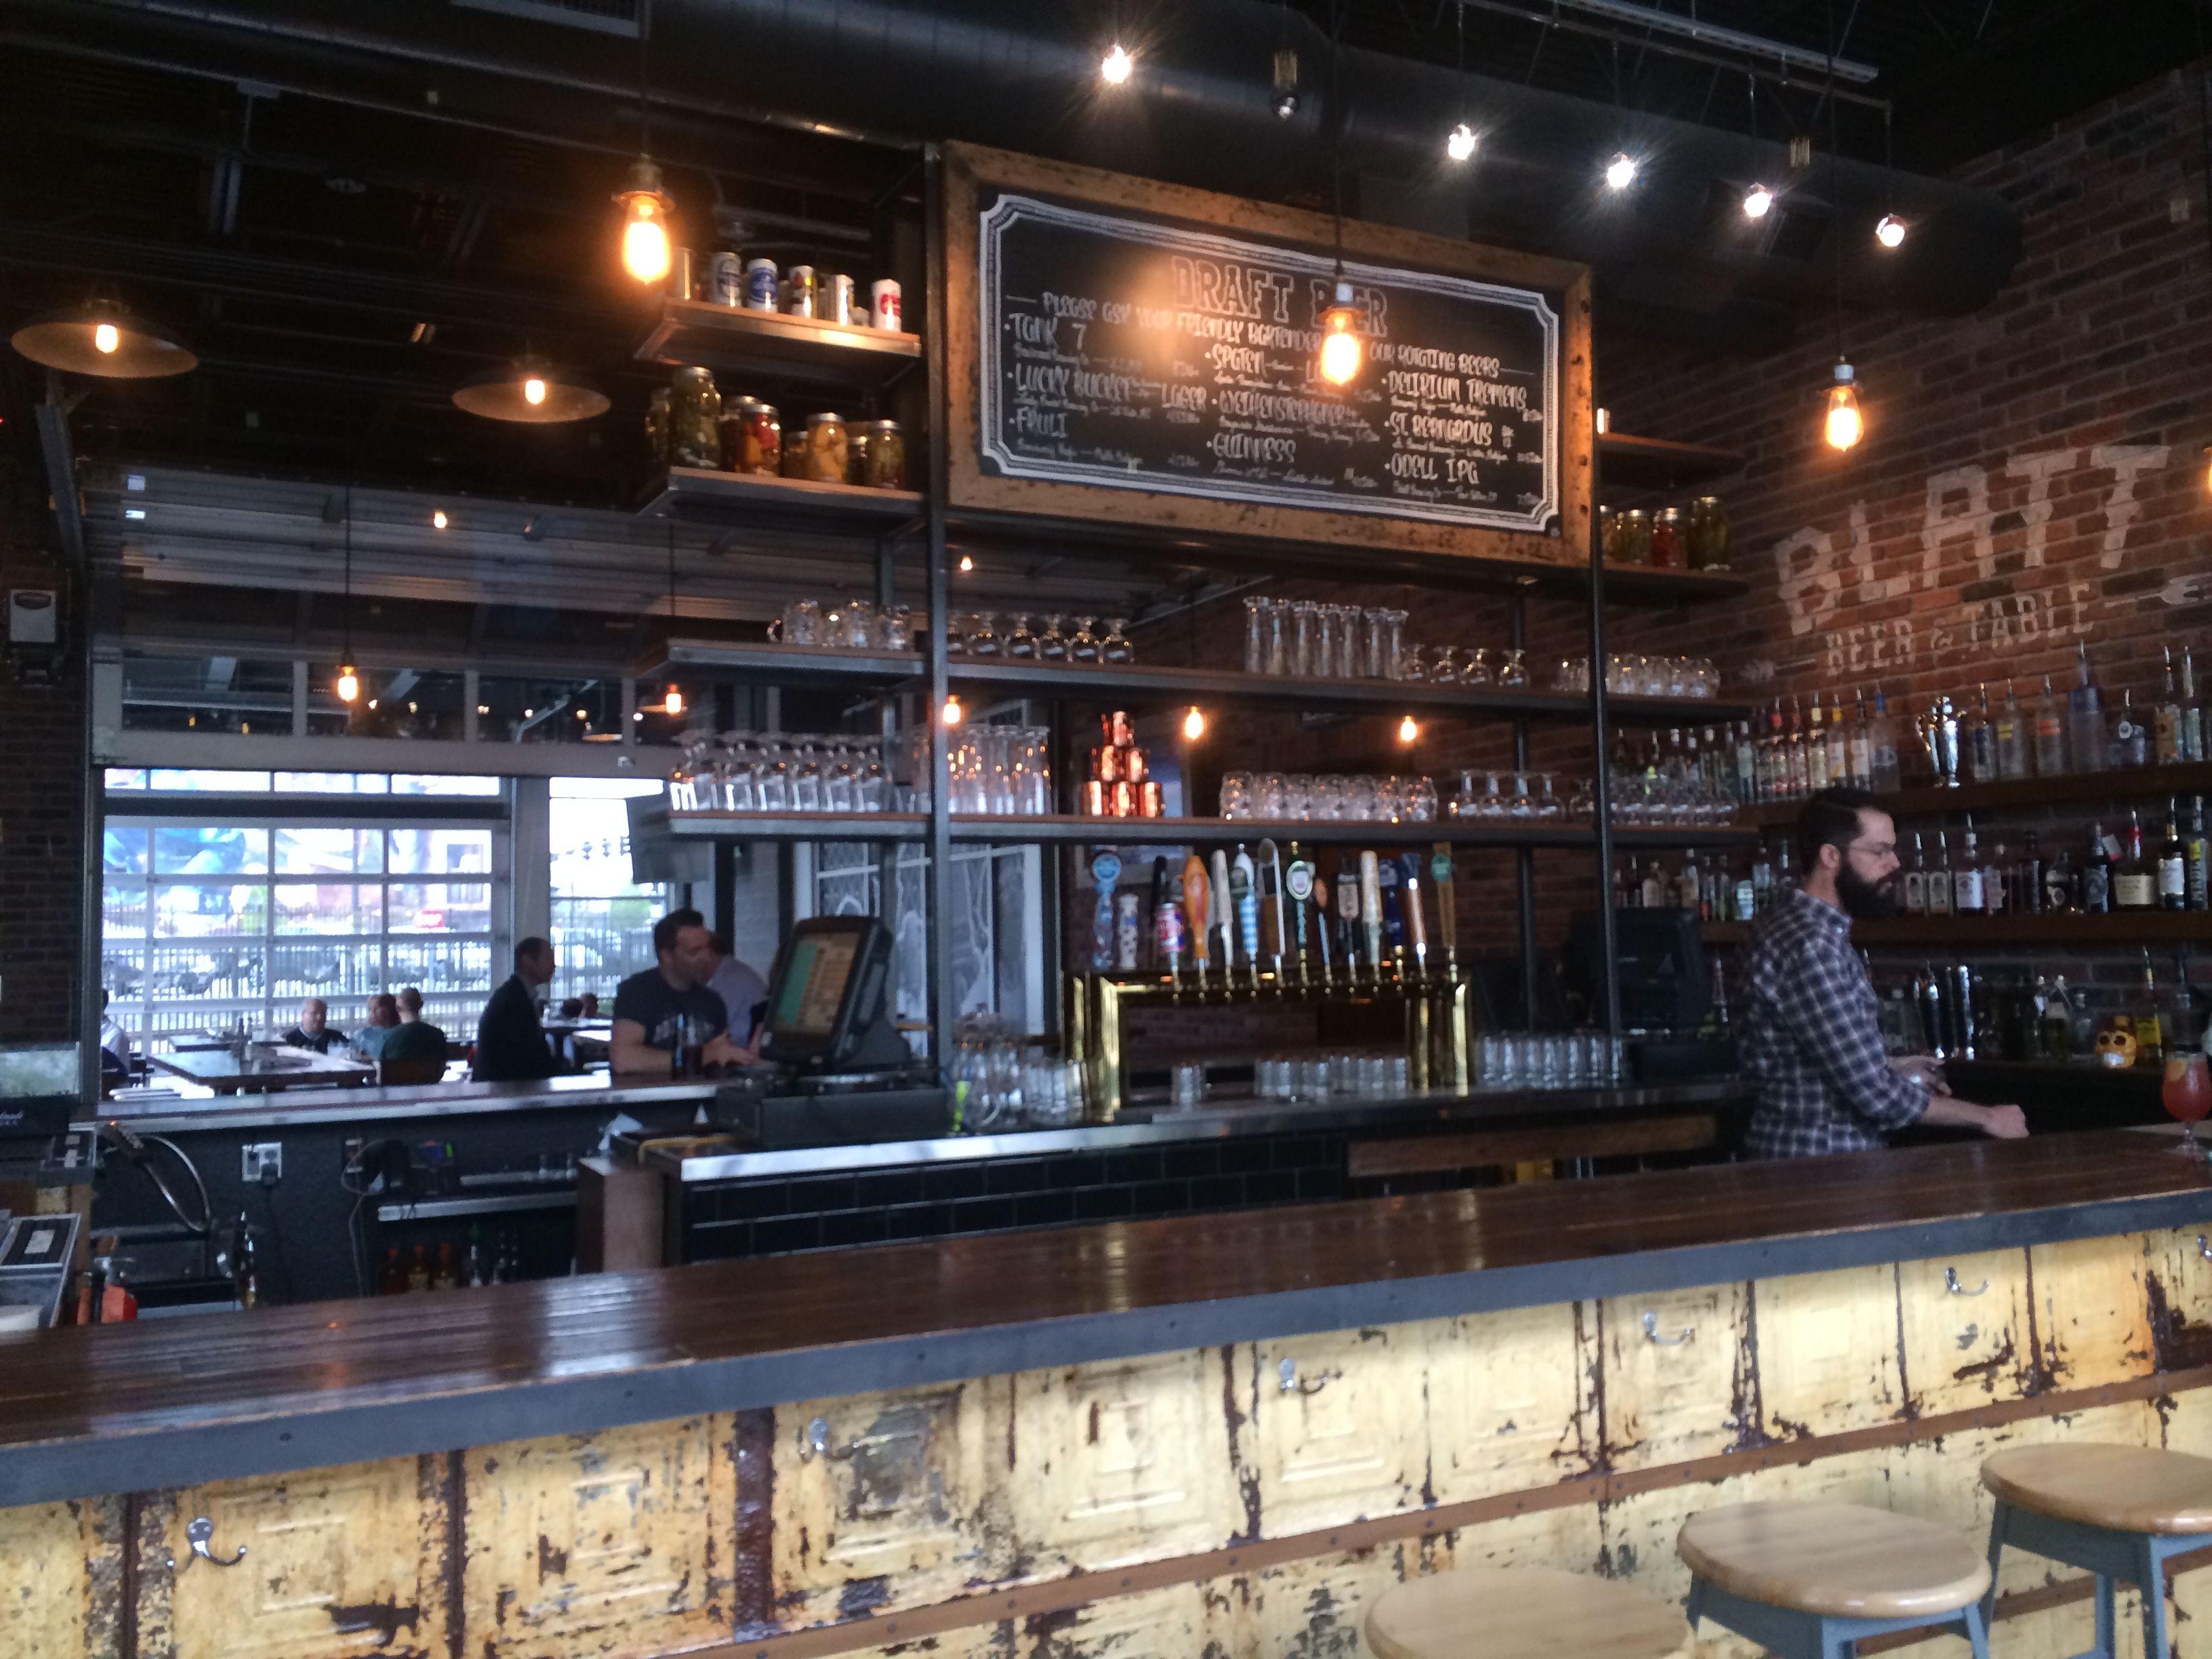 Omaha Food: Blatt Beer and Table  Beer table, Beer, Omaha